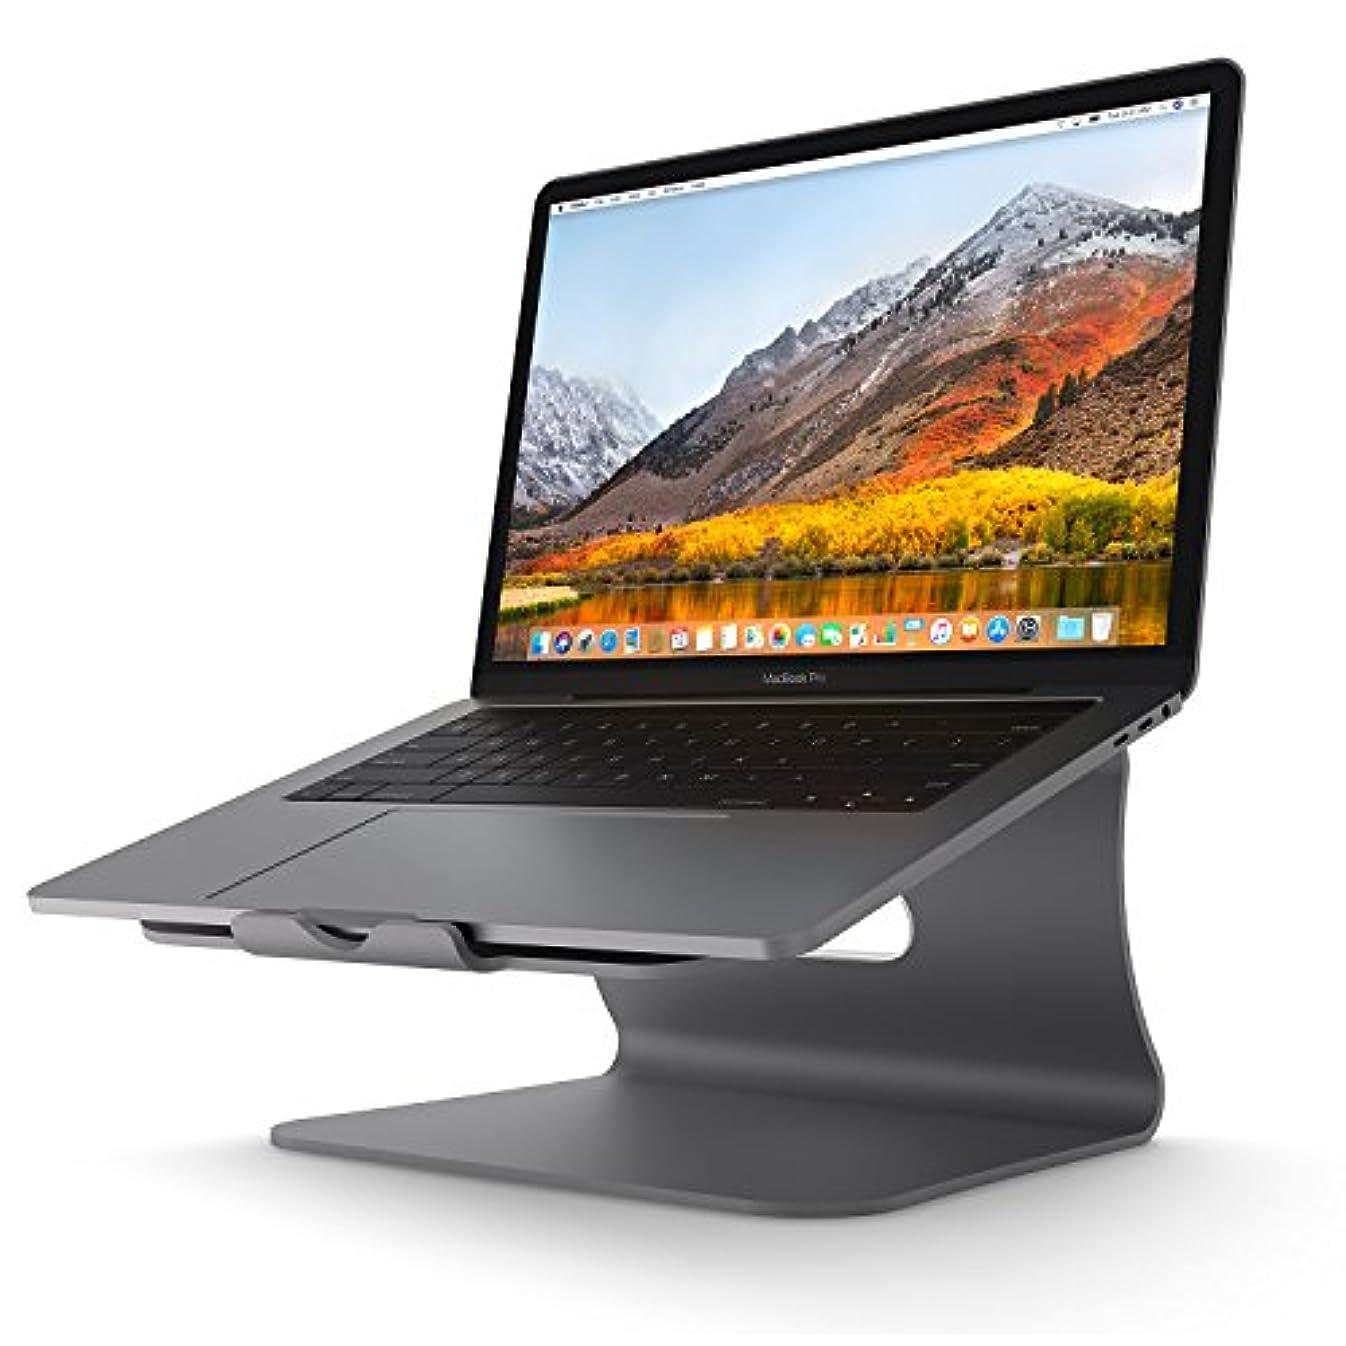 追放ダイジェスト変形Bestandノート PC スタンドアルミニウム合金パソコンスタンド,Macbook/Macbook Air/Macbook Pro 11-16''のノートパソコン(グレー )- Spinido